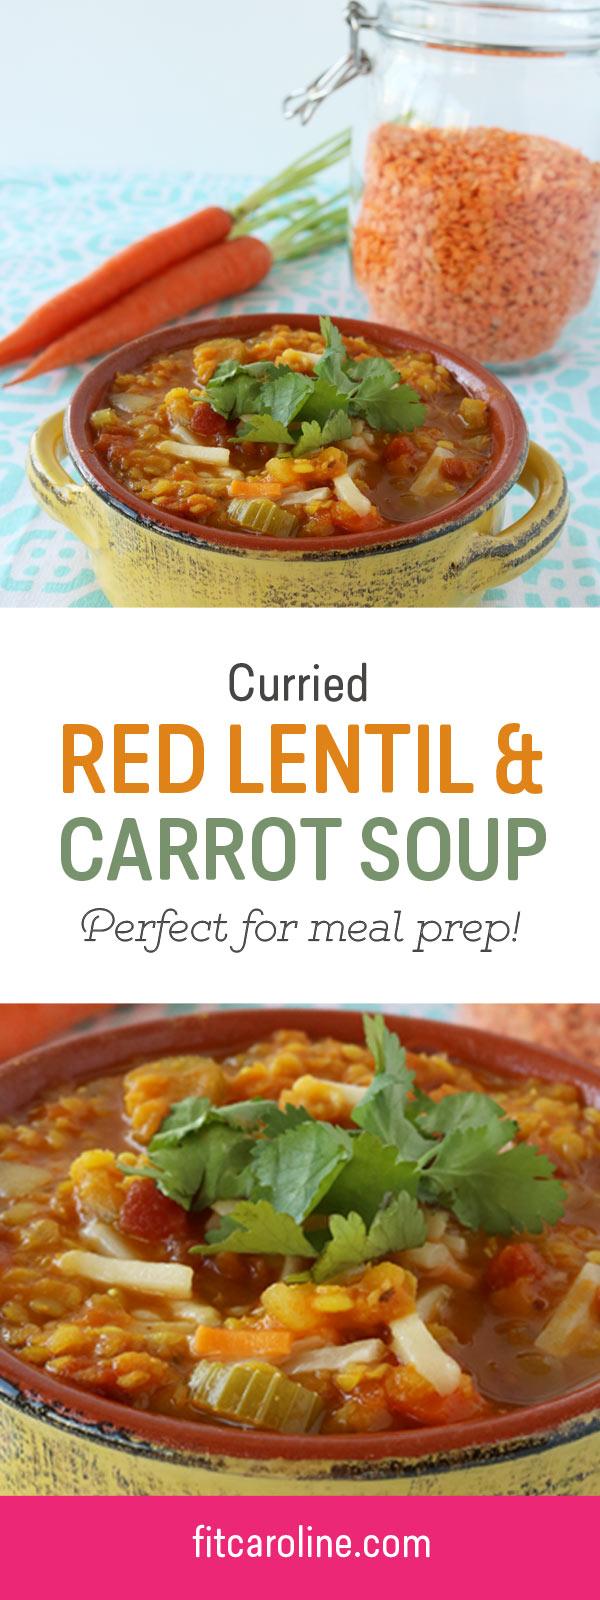 fitcaroline_red_lentil_soup_carrots_blog